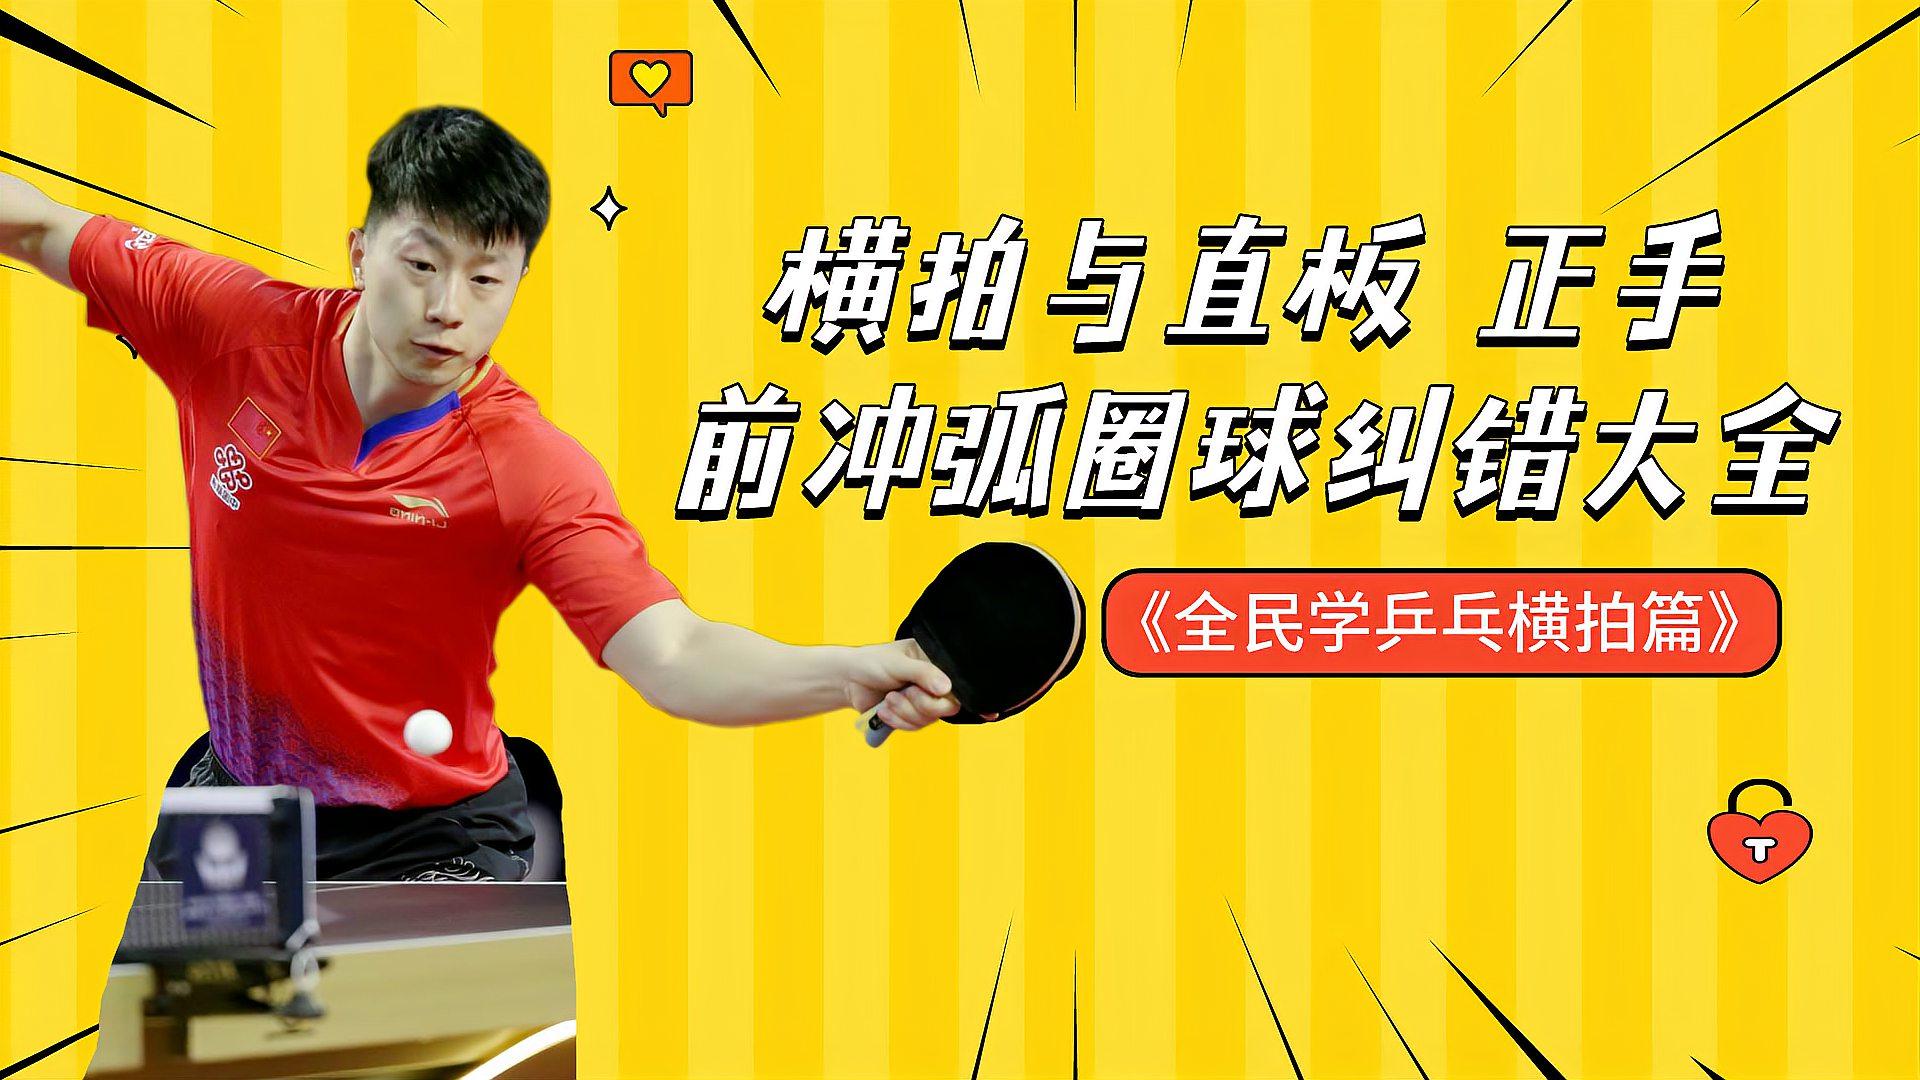 打乒乓球总有错误!正手拉球力量小?做到这一点一劳永逸!